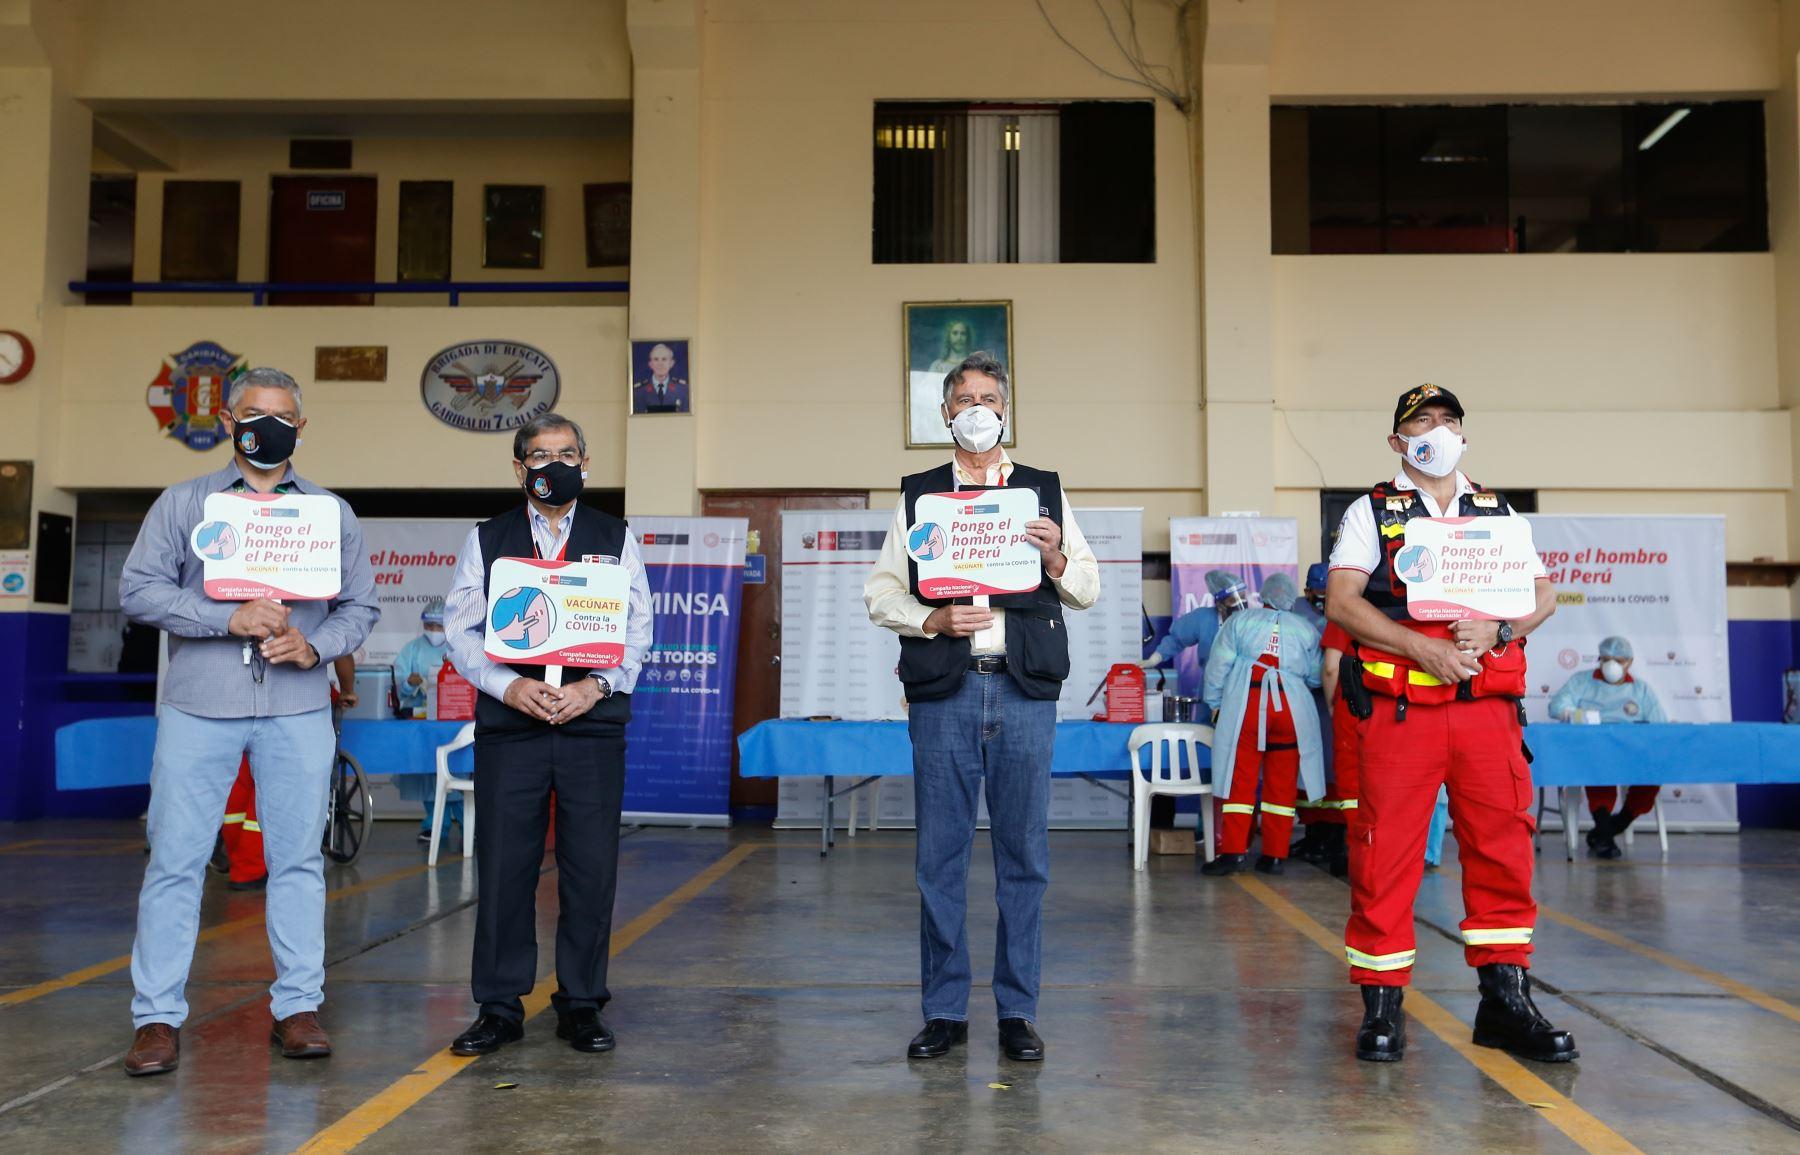 El presidente de la Republica,  Francisco Sagasti, junto con los titulares del Minsa y Mininter, supervisan el inicio del proceso de vacunación contra la covid-19 a los integrantes del Cuerpo General de Bomberos Voluntarios del Perú. Foto: ANDINA/Minsa